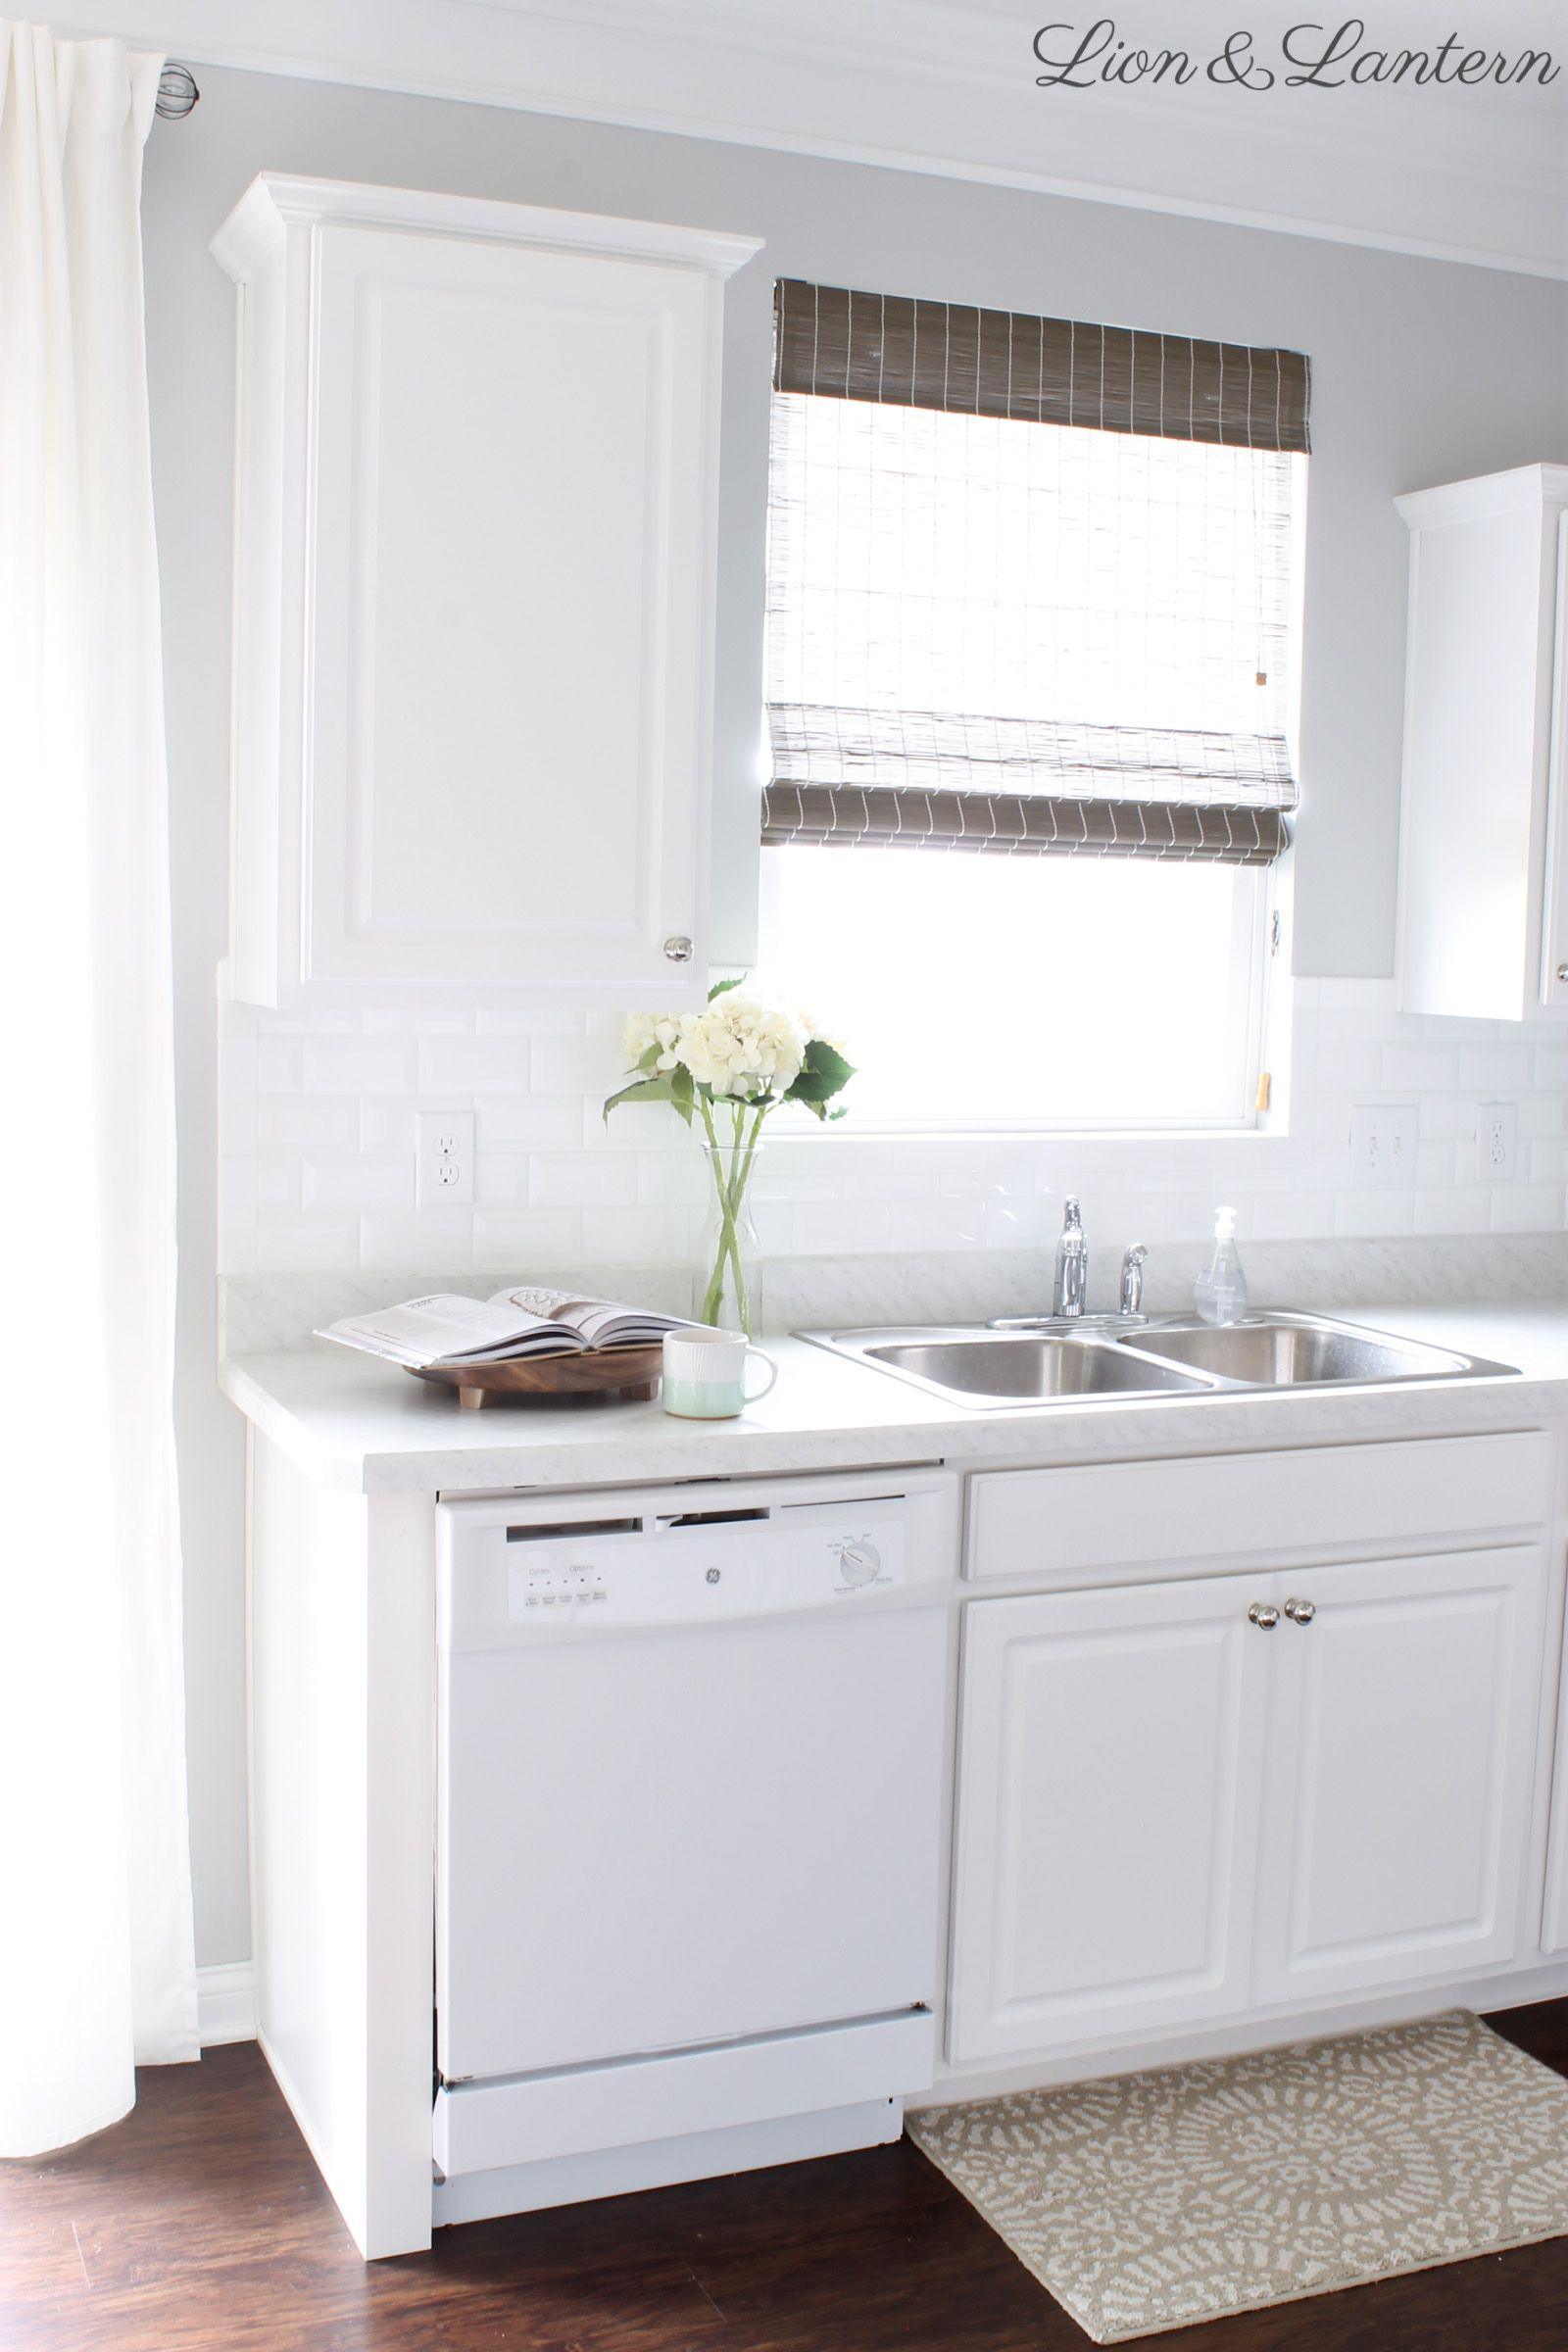 Builder Grade Kitchen Update at LionAndLantern.com   white subway ...